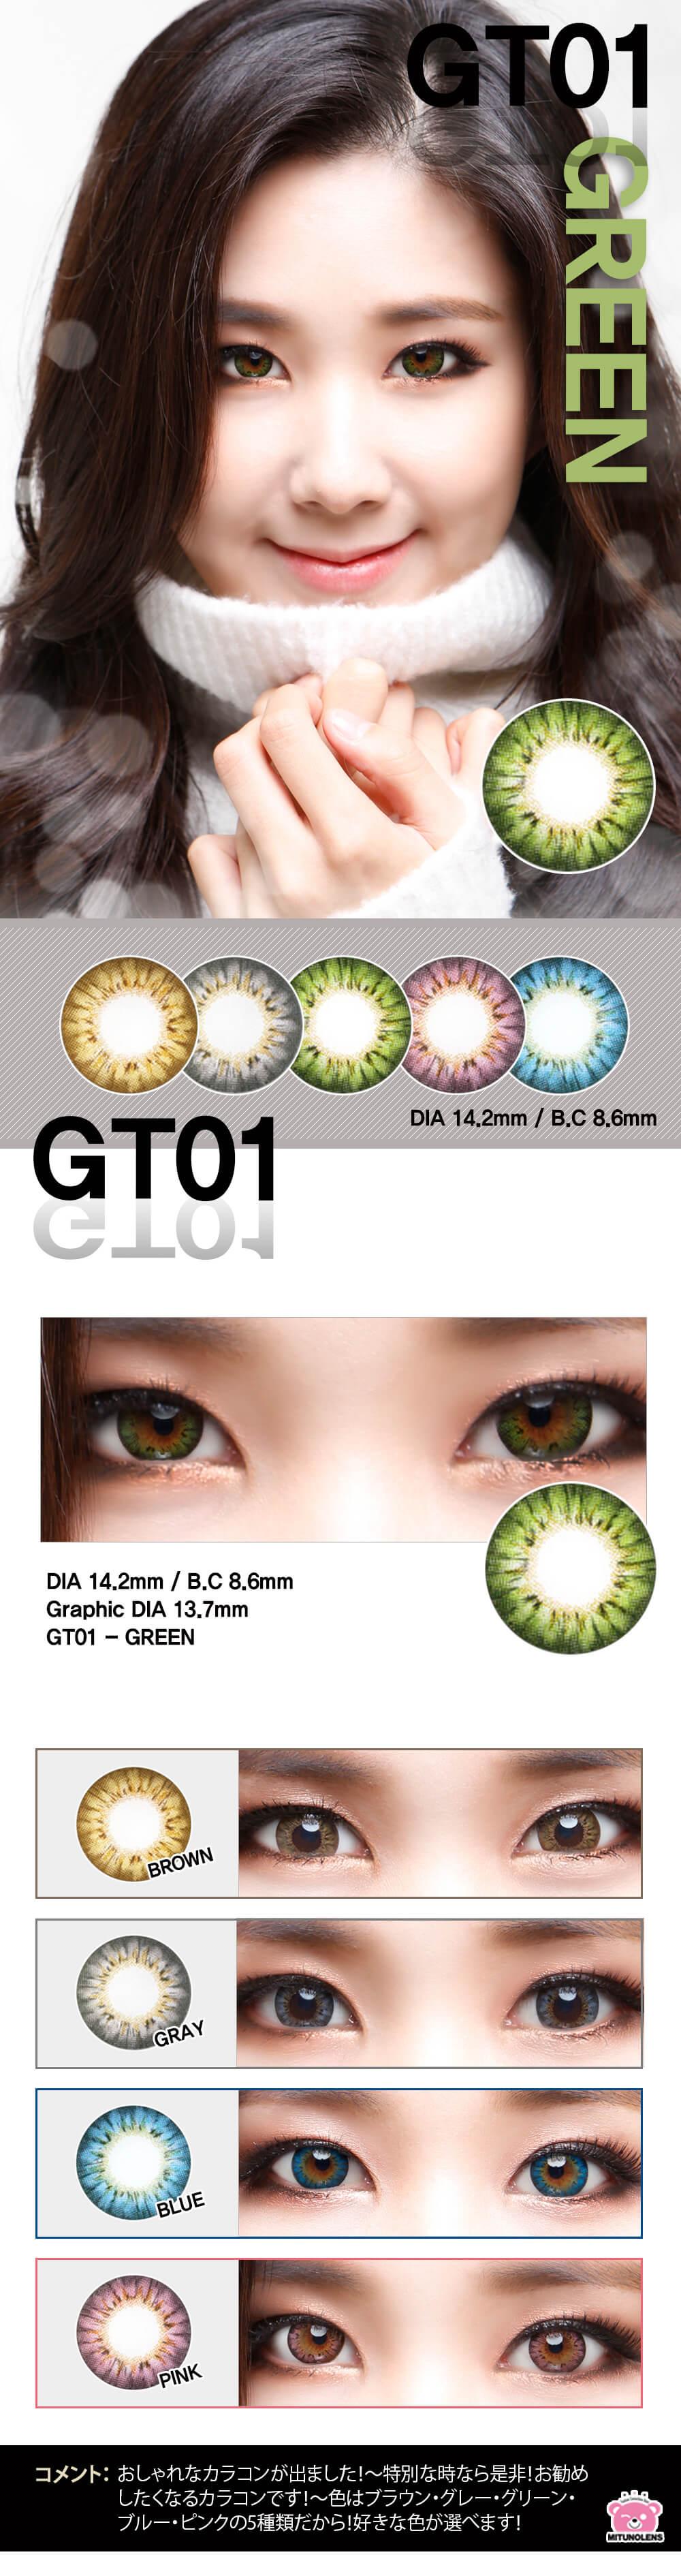 GT01グリーン